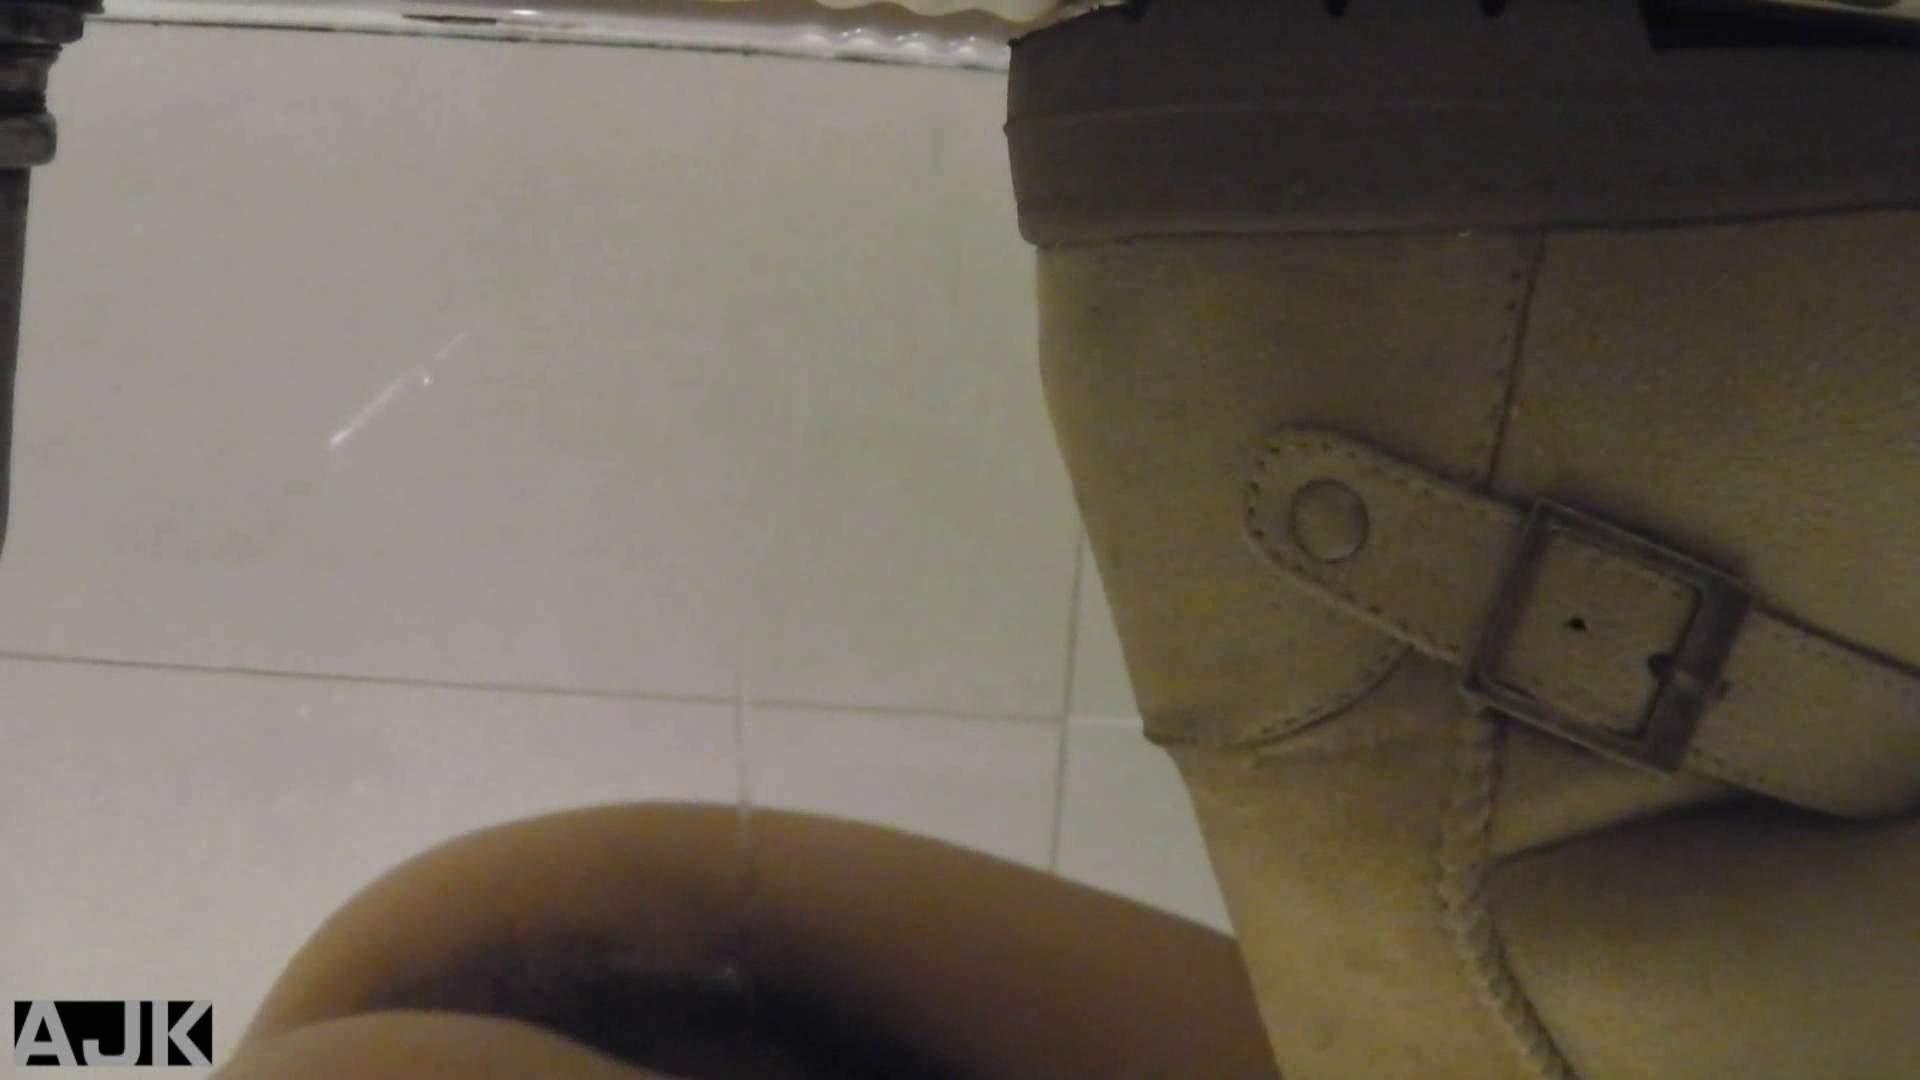 隣国上階級エリアの令嬢たちが集うデパートお手洗い Vol.09 便器 性交動画流出 73画像 19